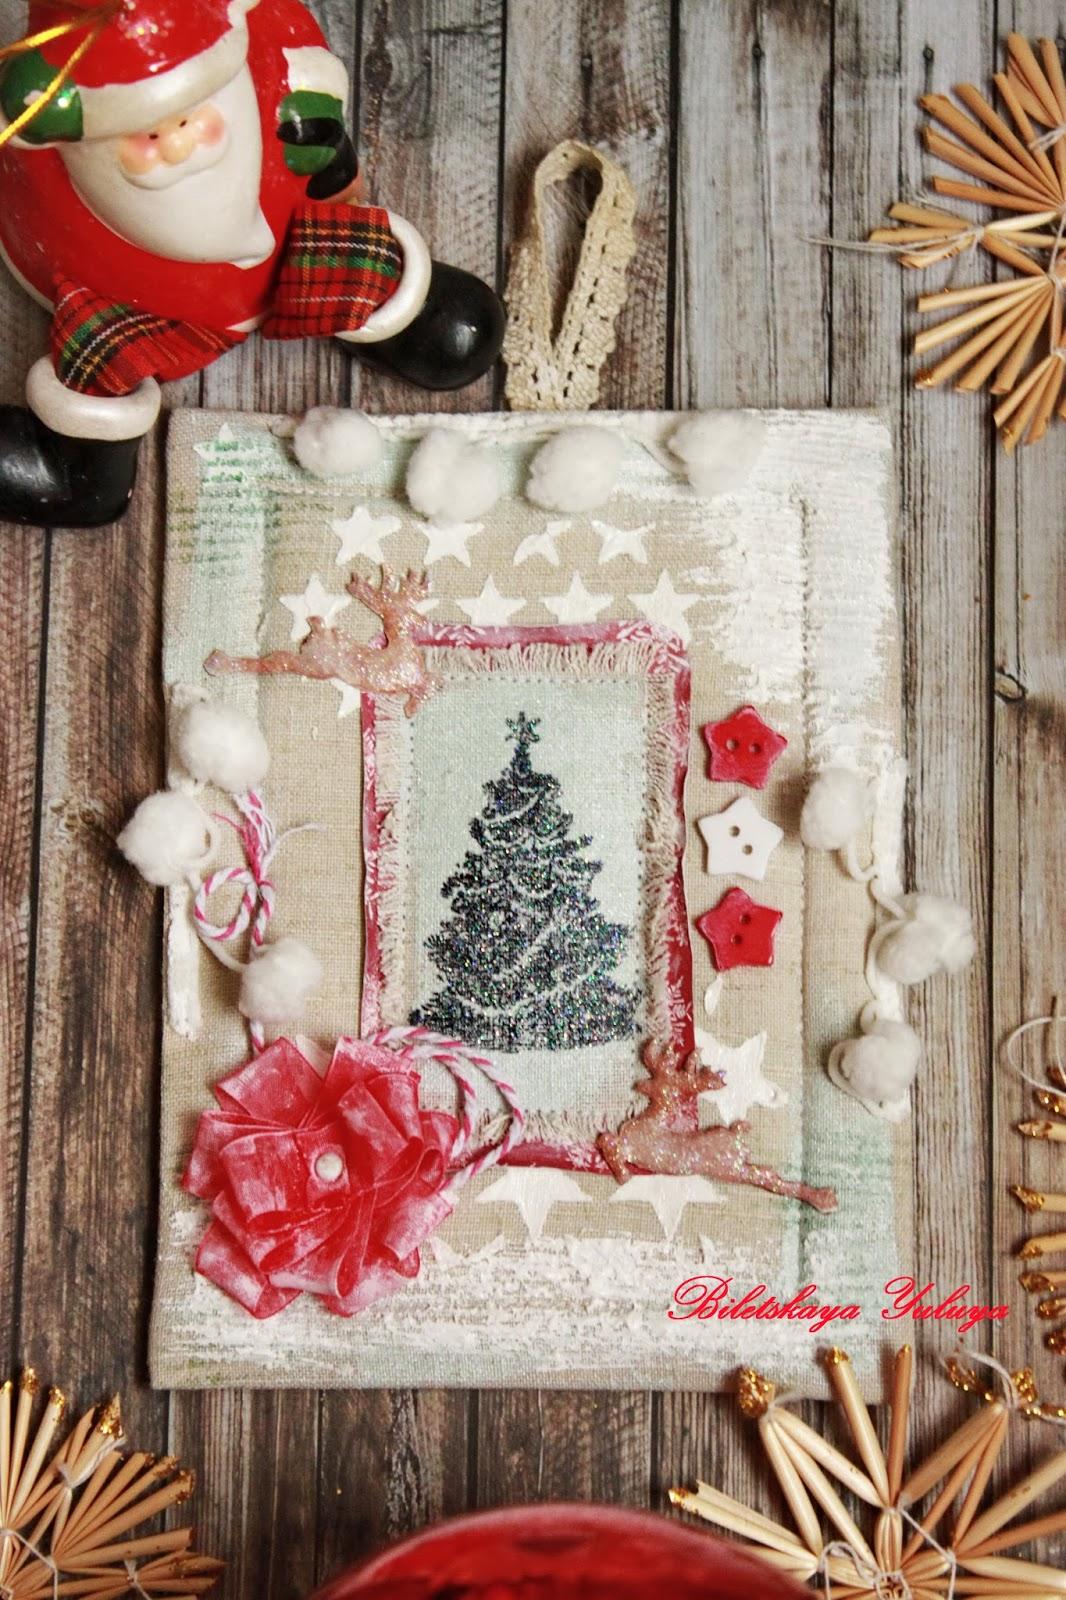 Панно рождественское своими руками